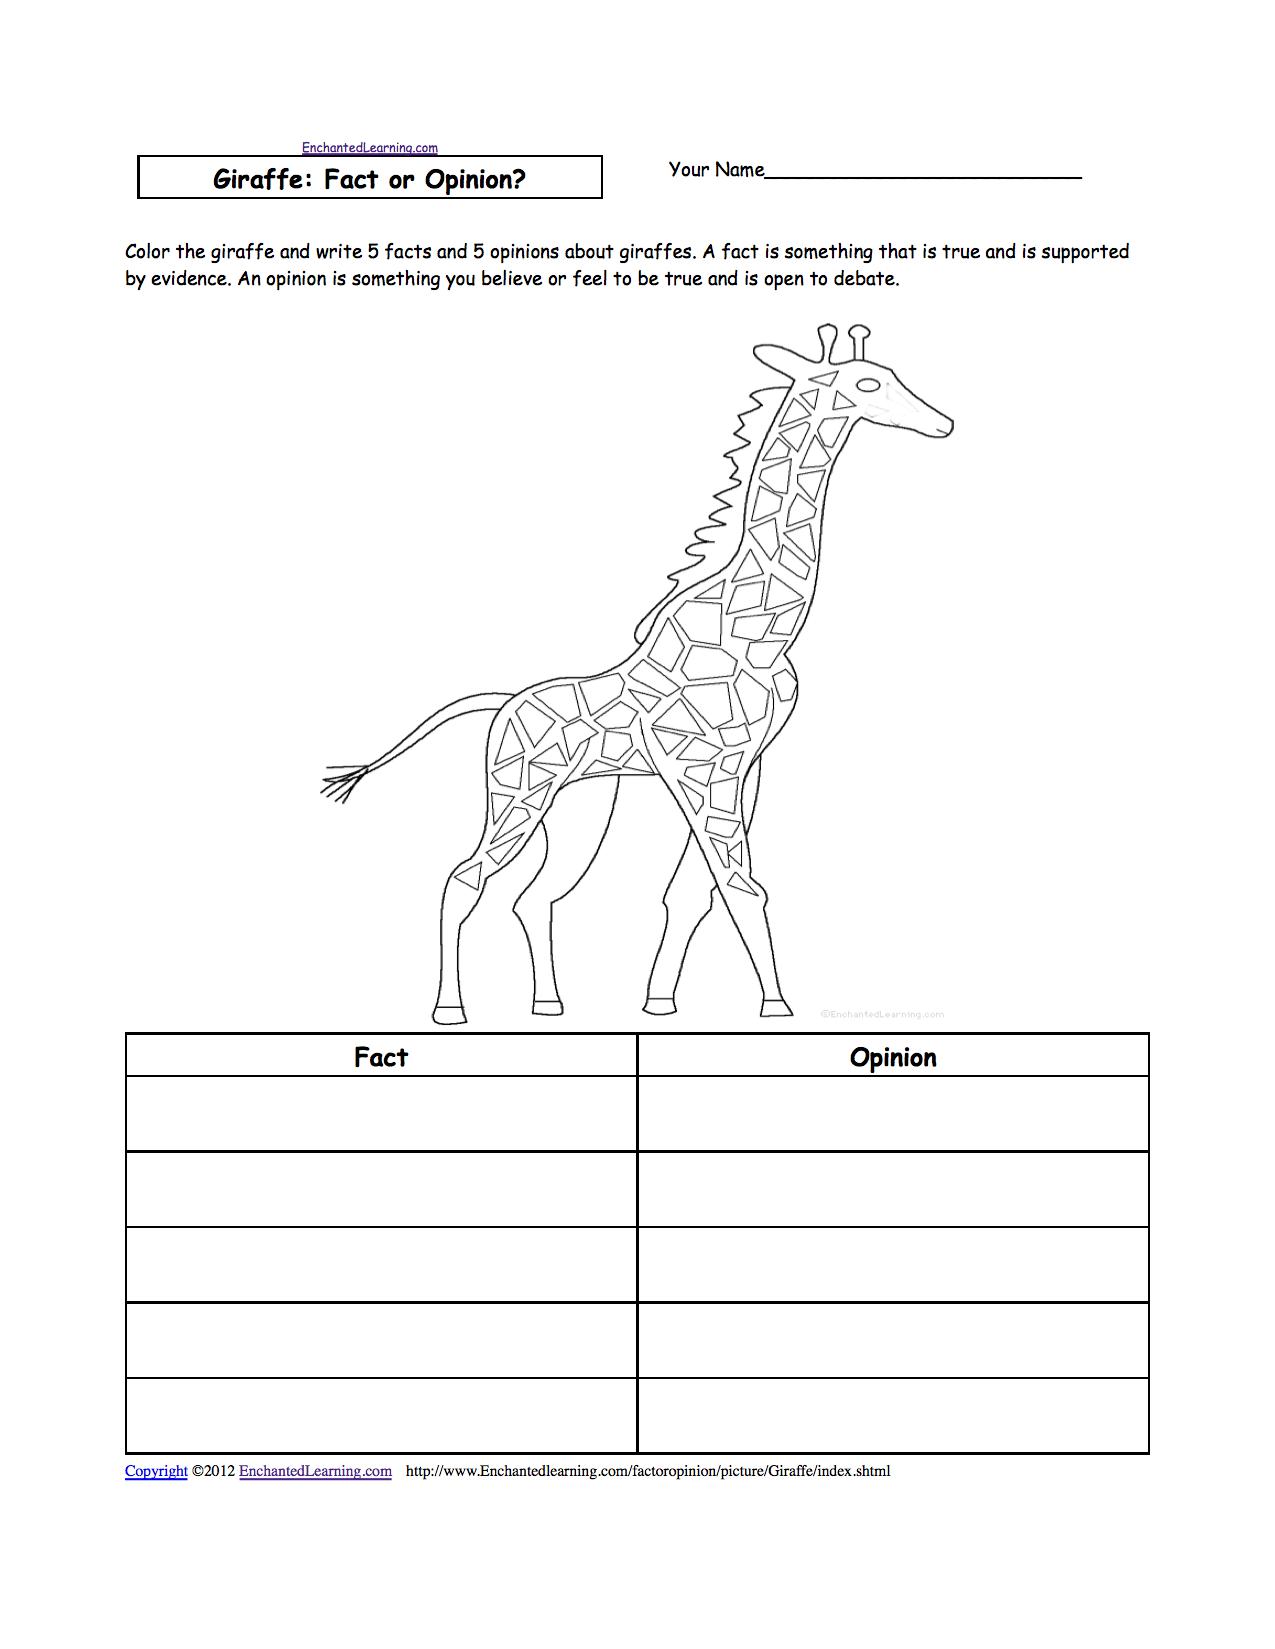 giraffes at. Black Bedroom Furniture Sets. Home Design Ideas